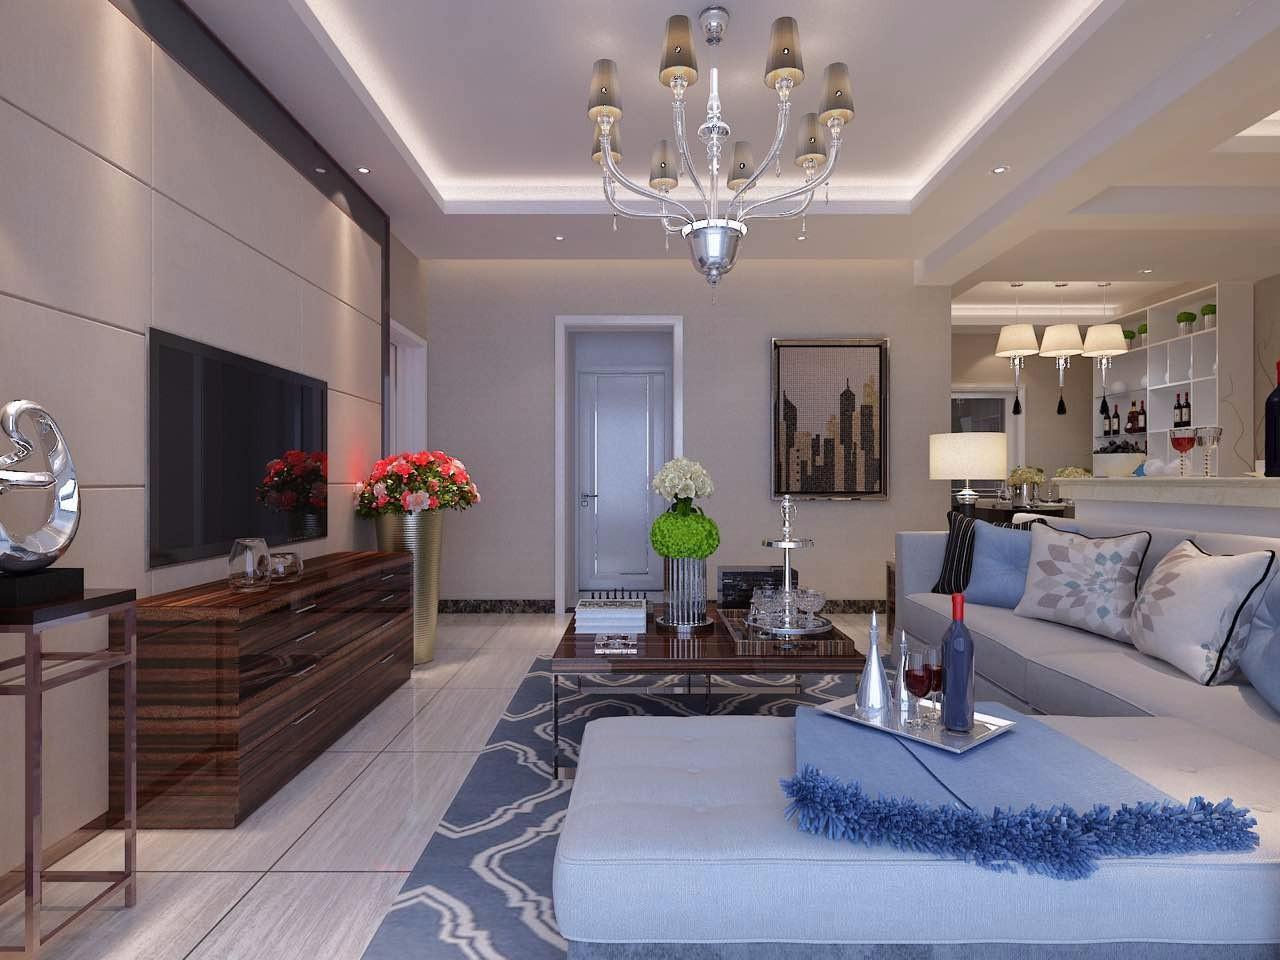 3室2卫1厅110平米现代简约风格